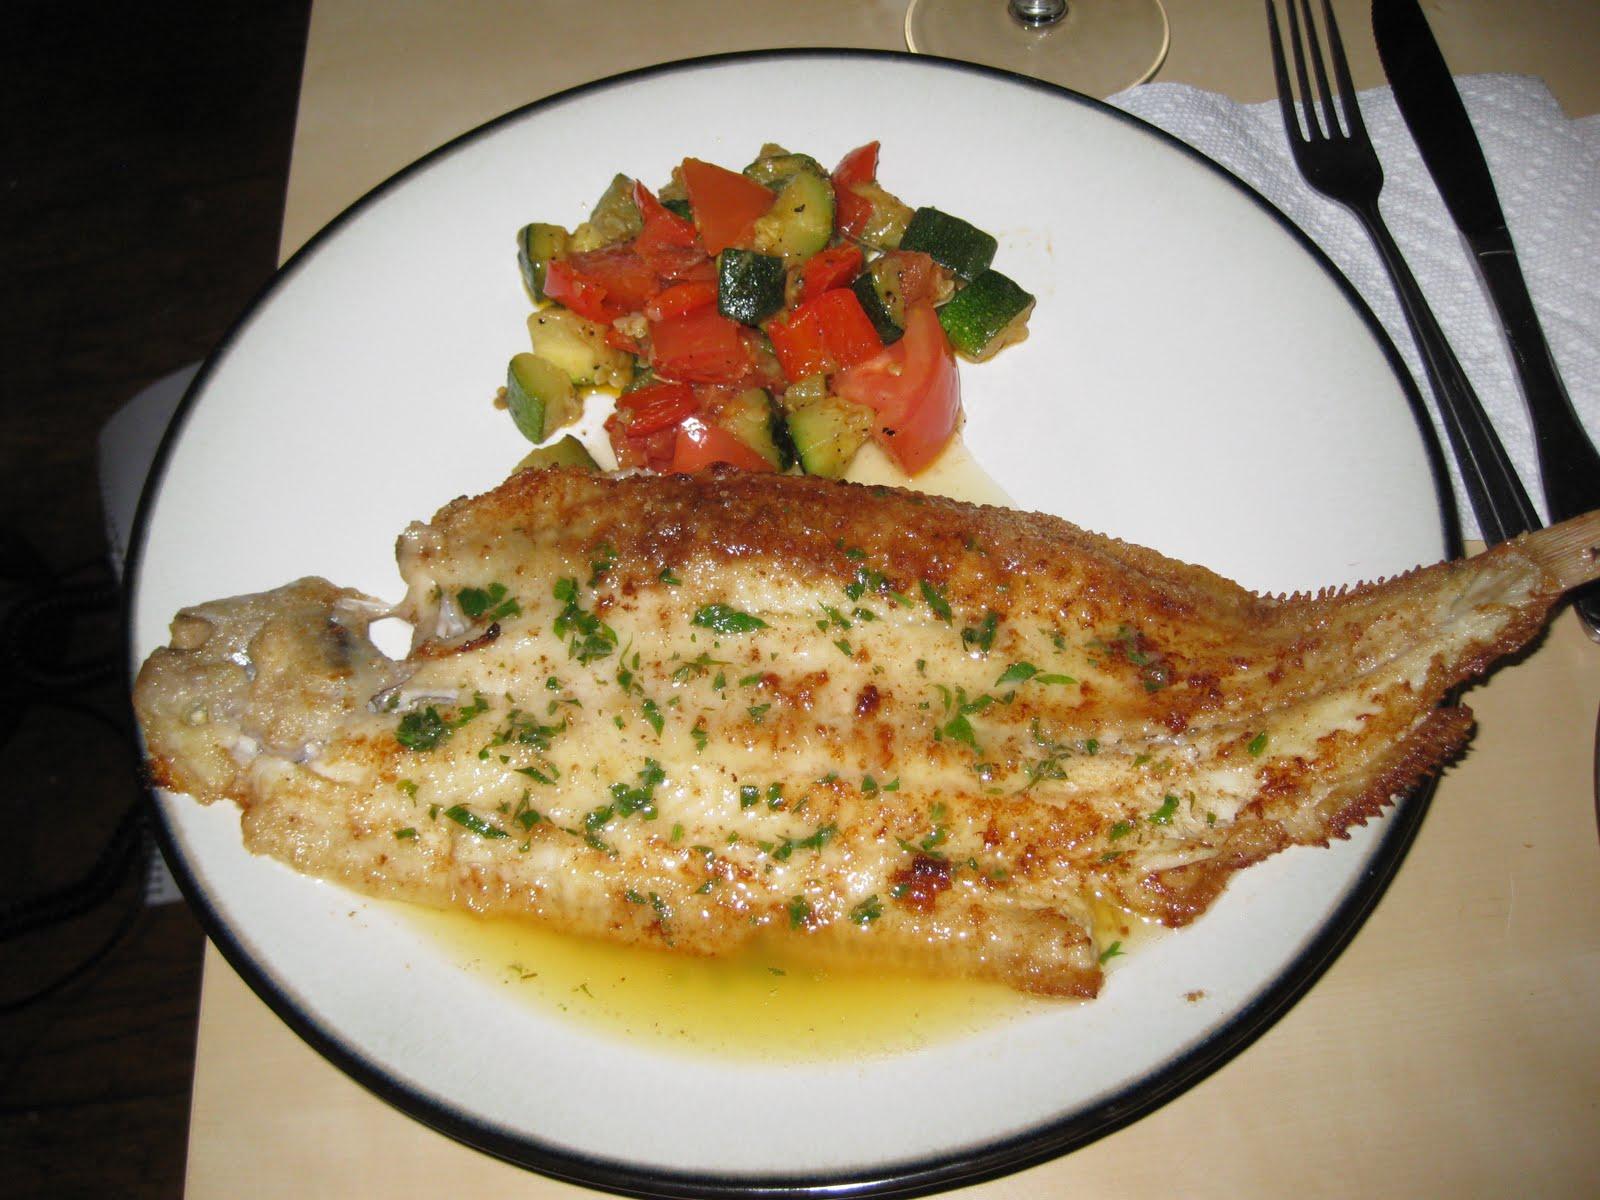 Dover Sole a la Meuniere with a quick style Ratatouille